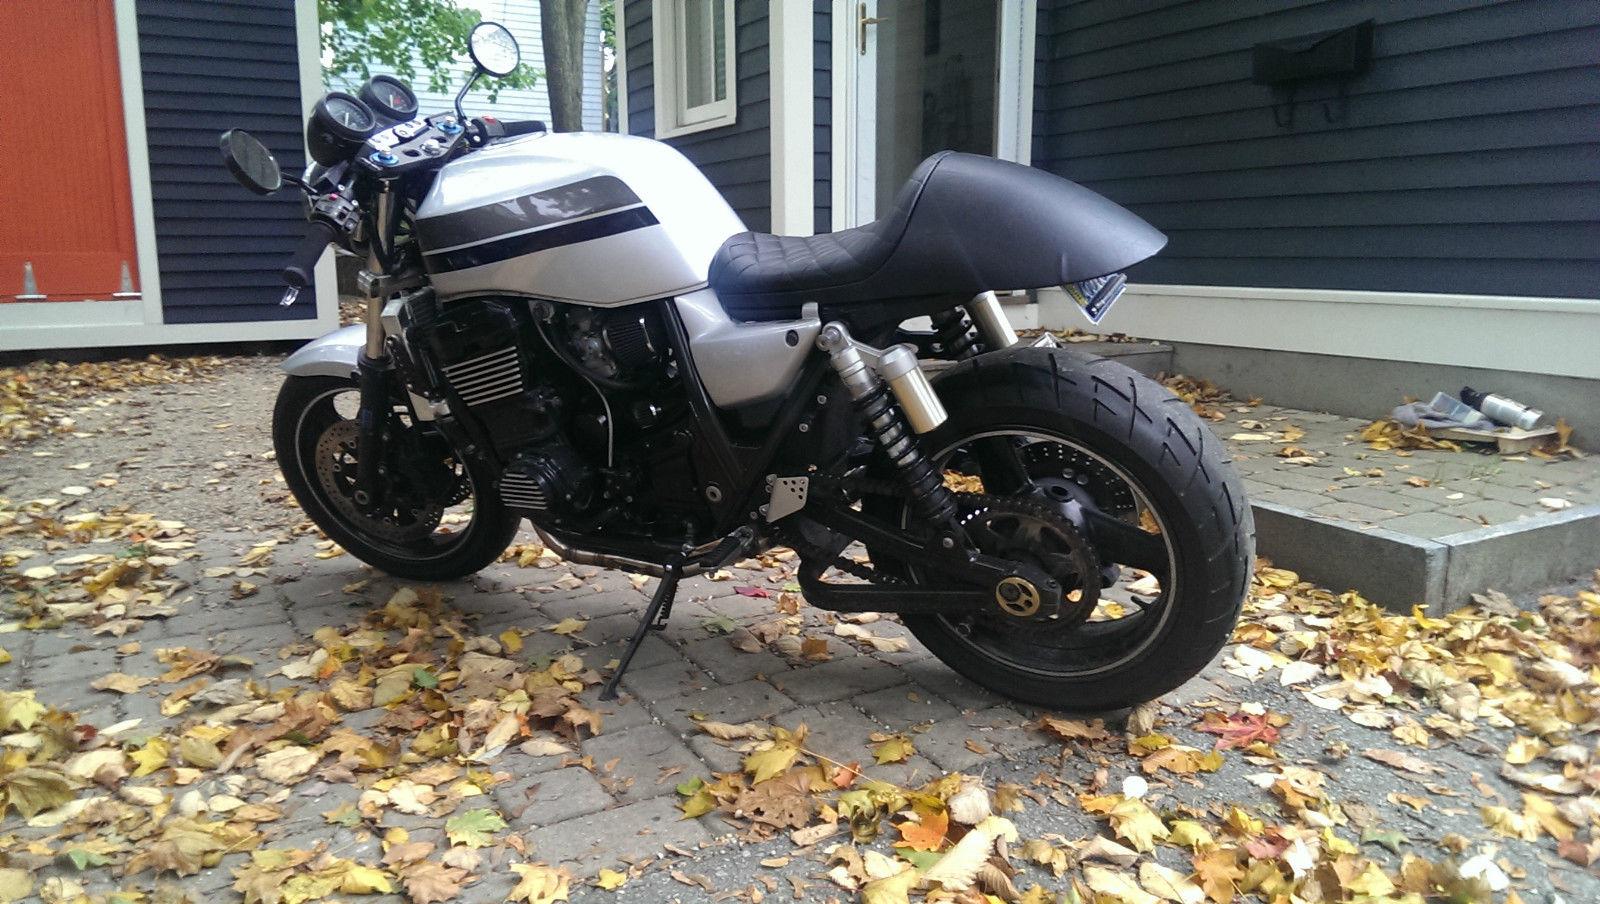 ZRX 1200 - Old Superbike | Cafe racer, Scrambler, Bobber